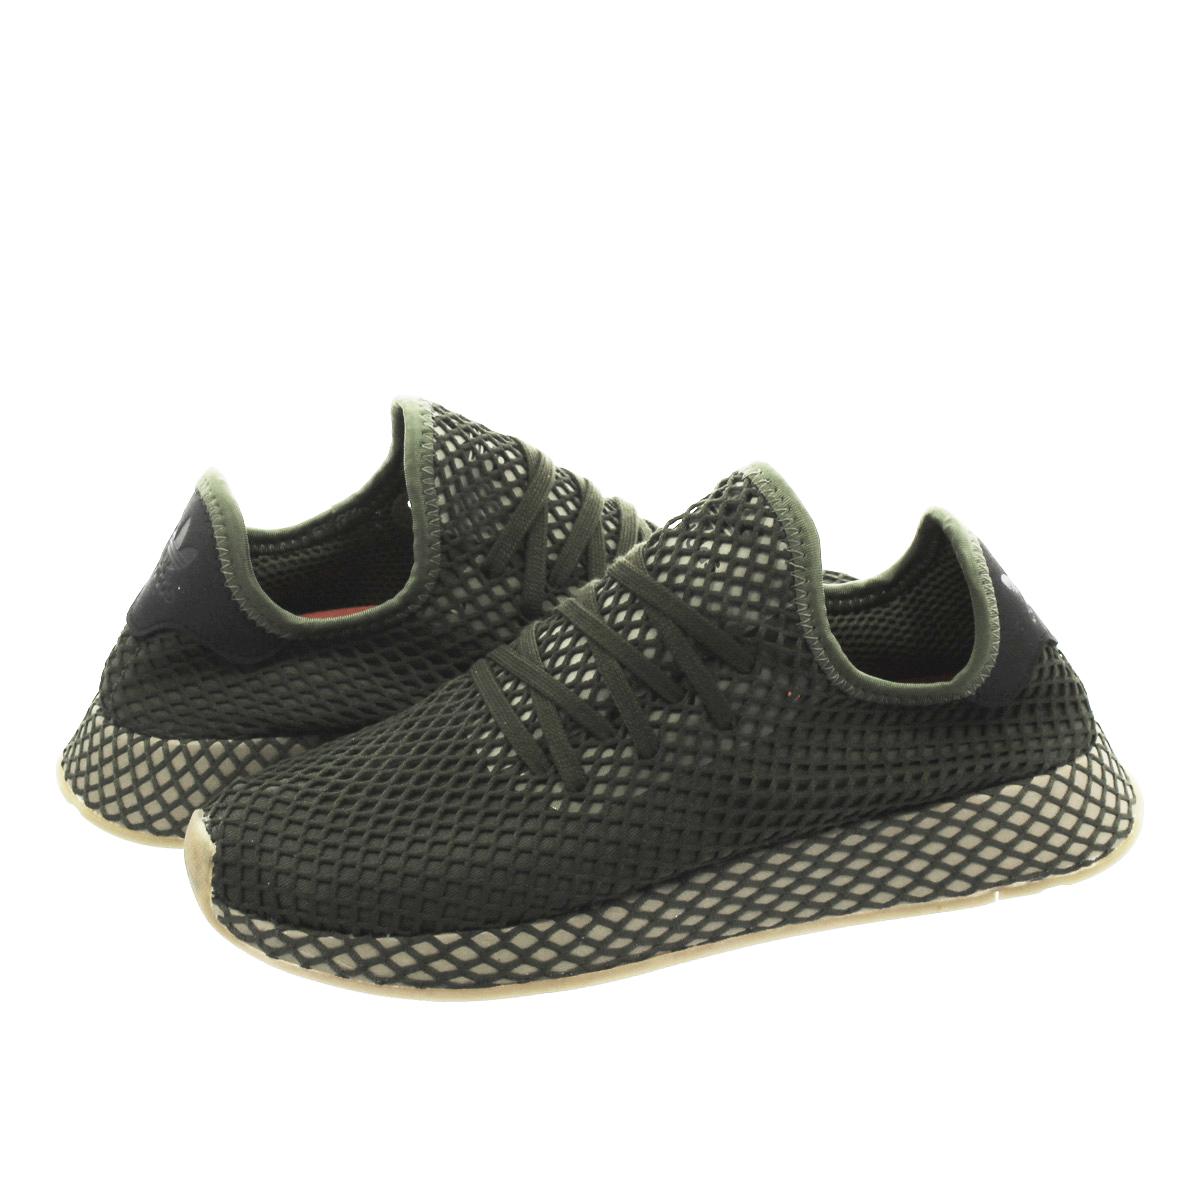 adidas DEERUPT RUNNER アディダス ディーラプト ランナー BASE GREEN/BASE GREEN/ORANGE b41771